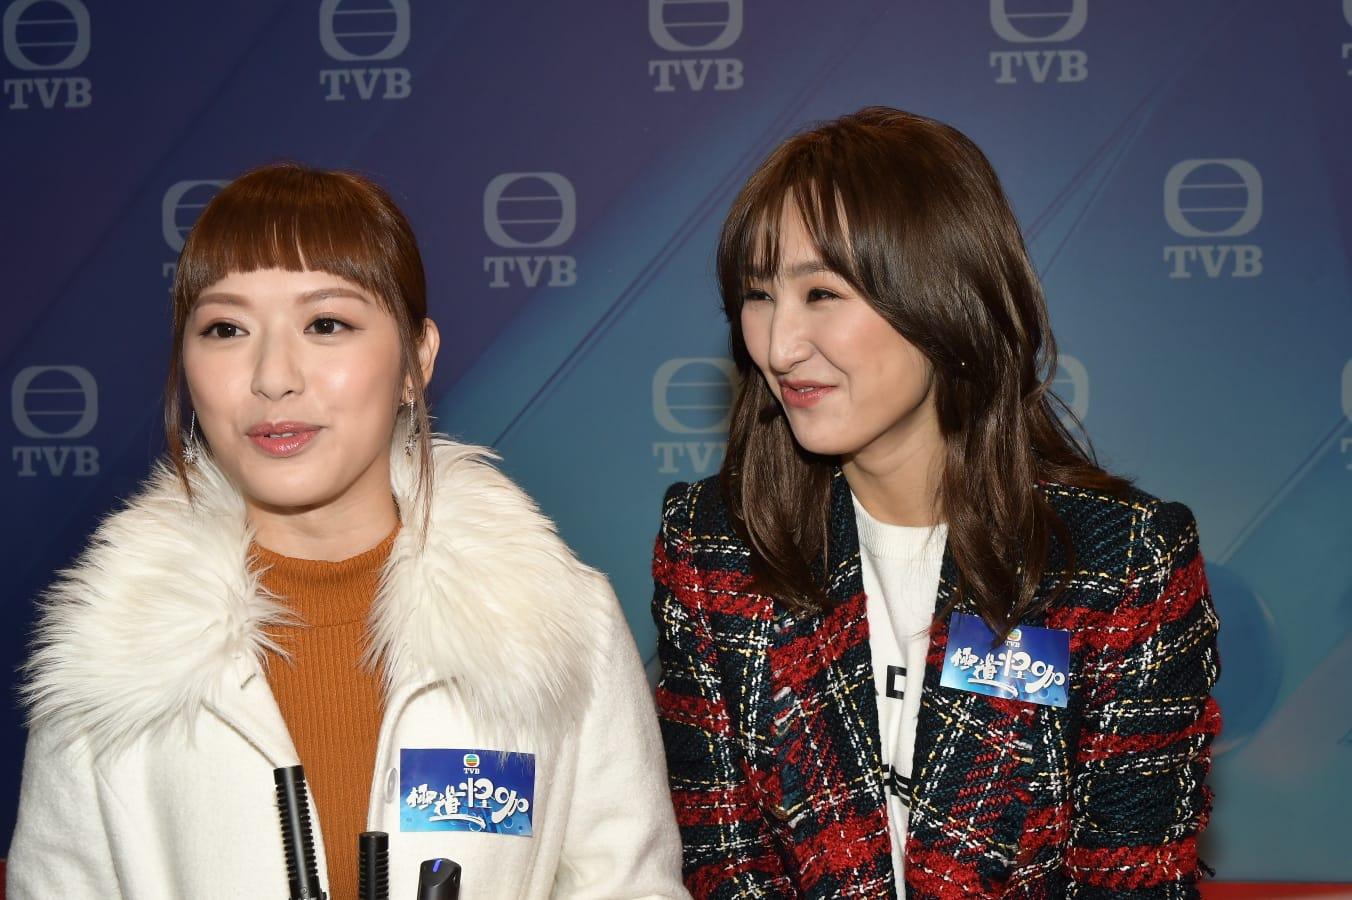 馮盈盈(左)及高海寧(右)為新劇《極度怪咖》試造型。